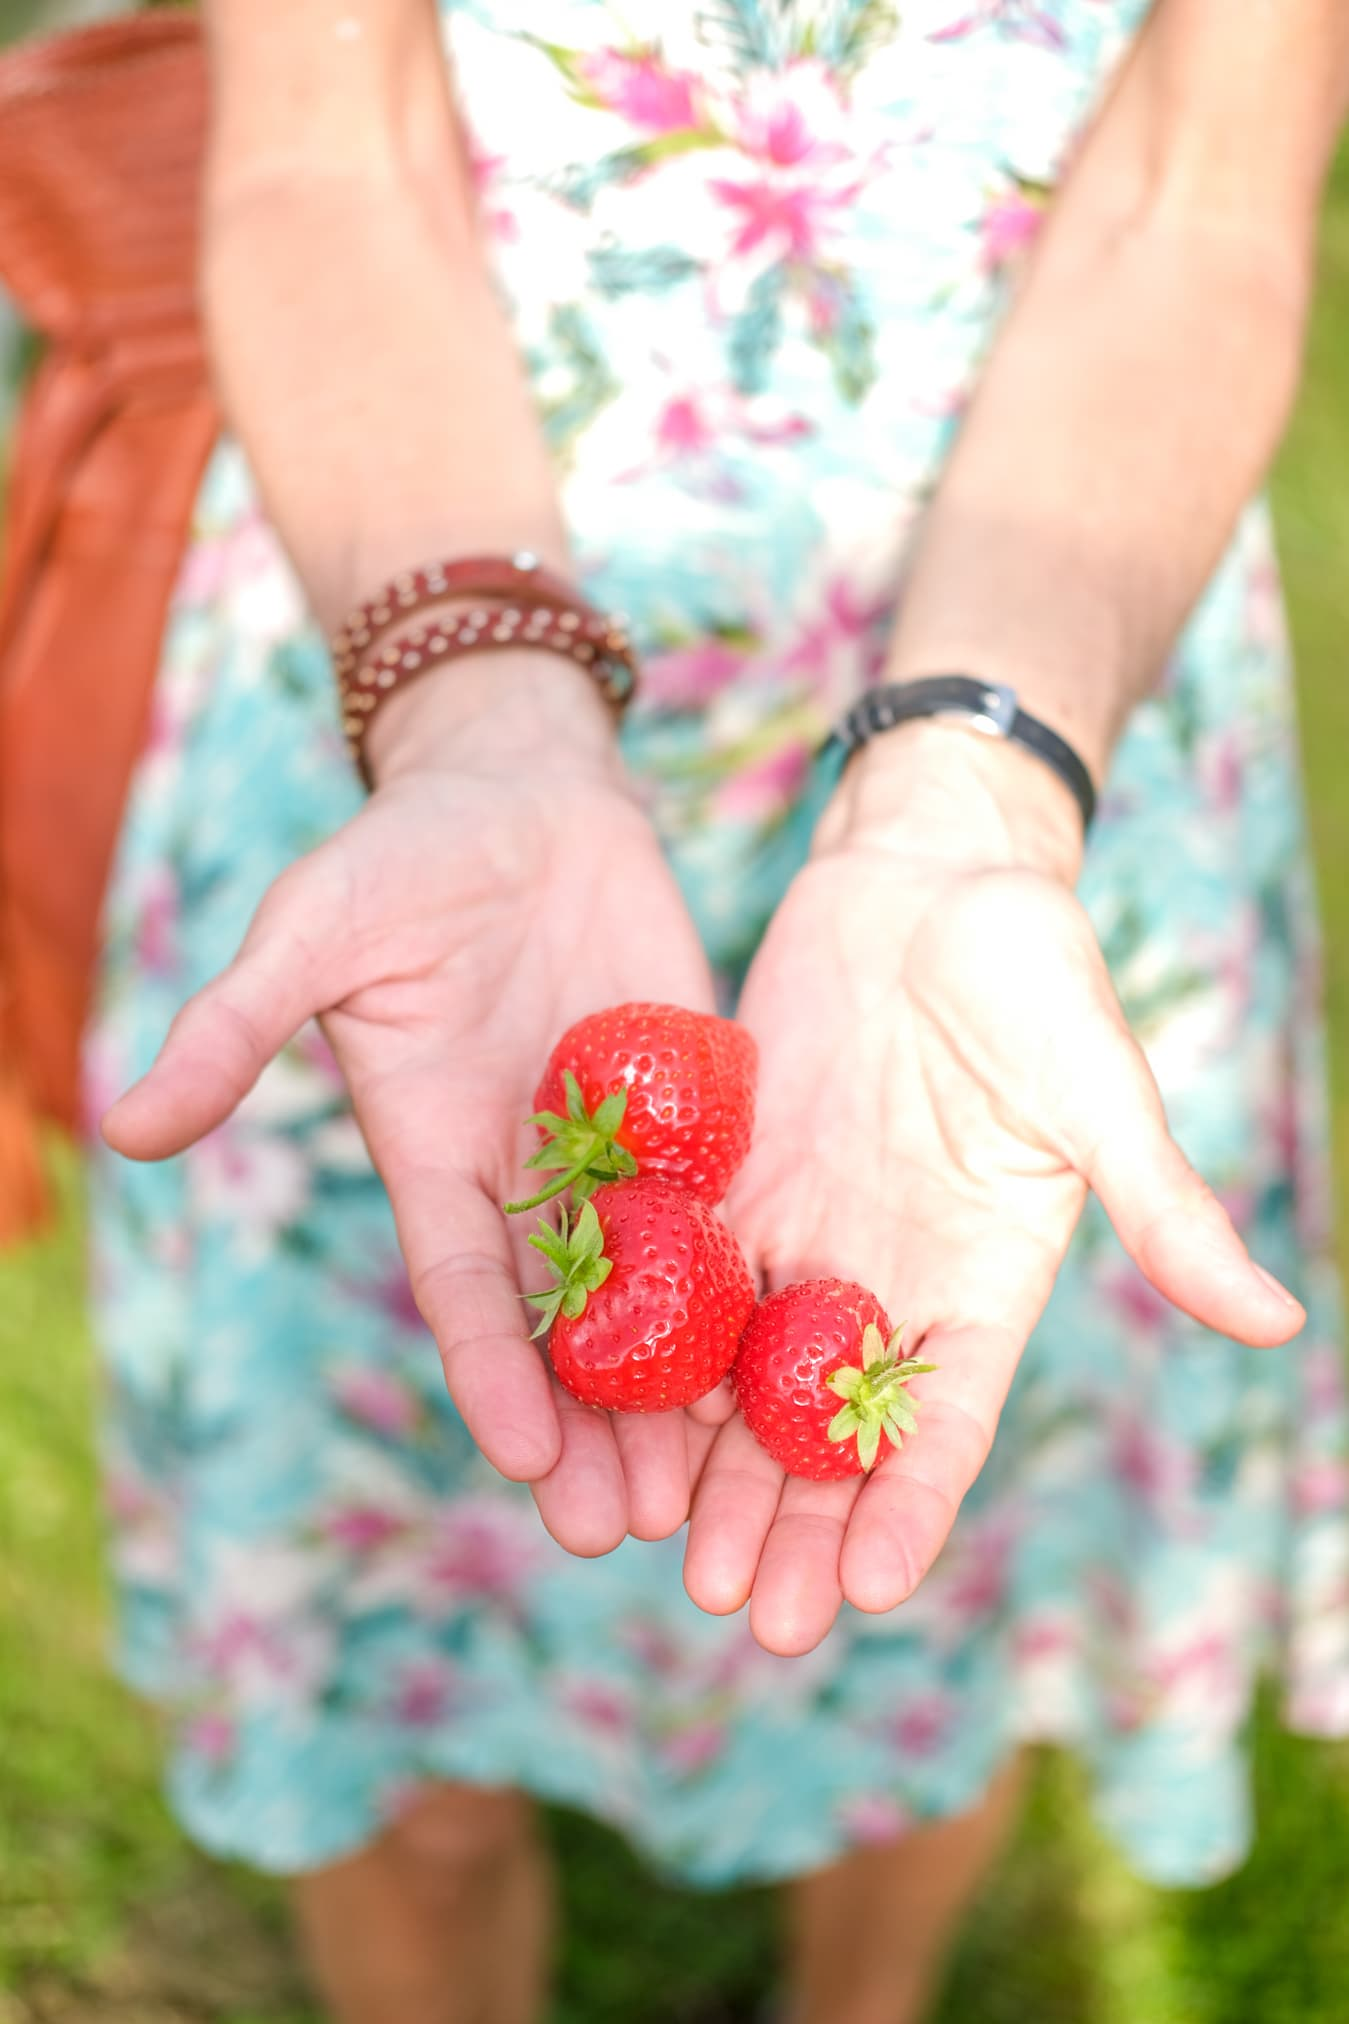 eigen geplukte aardbeien